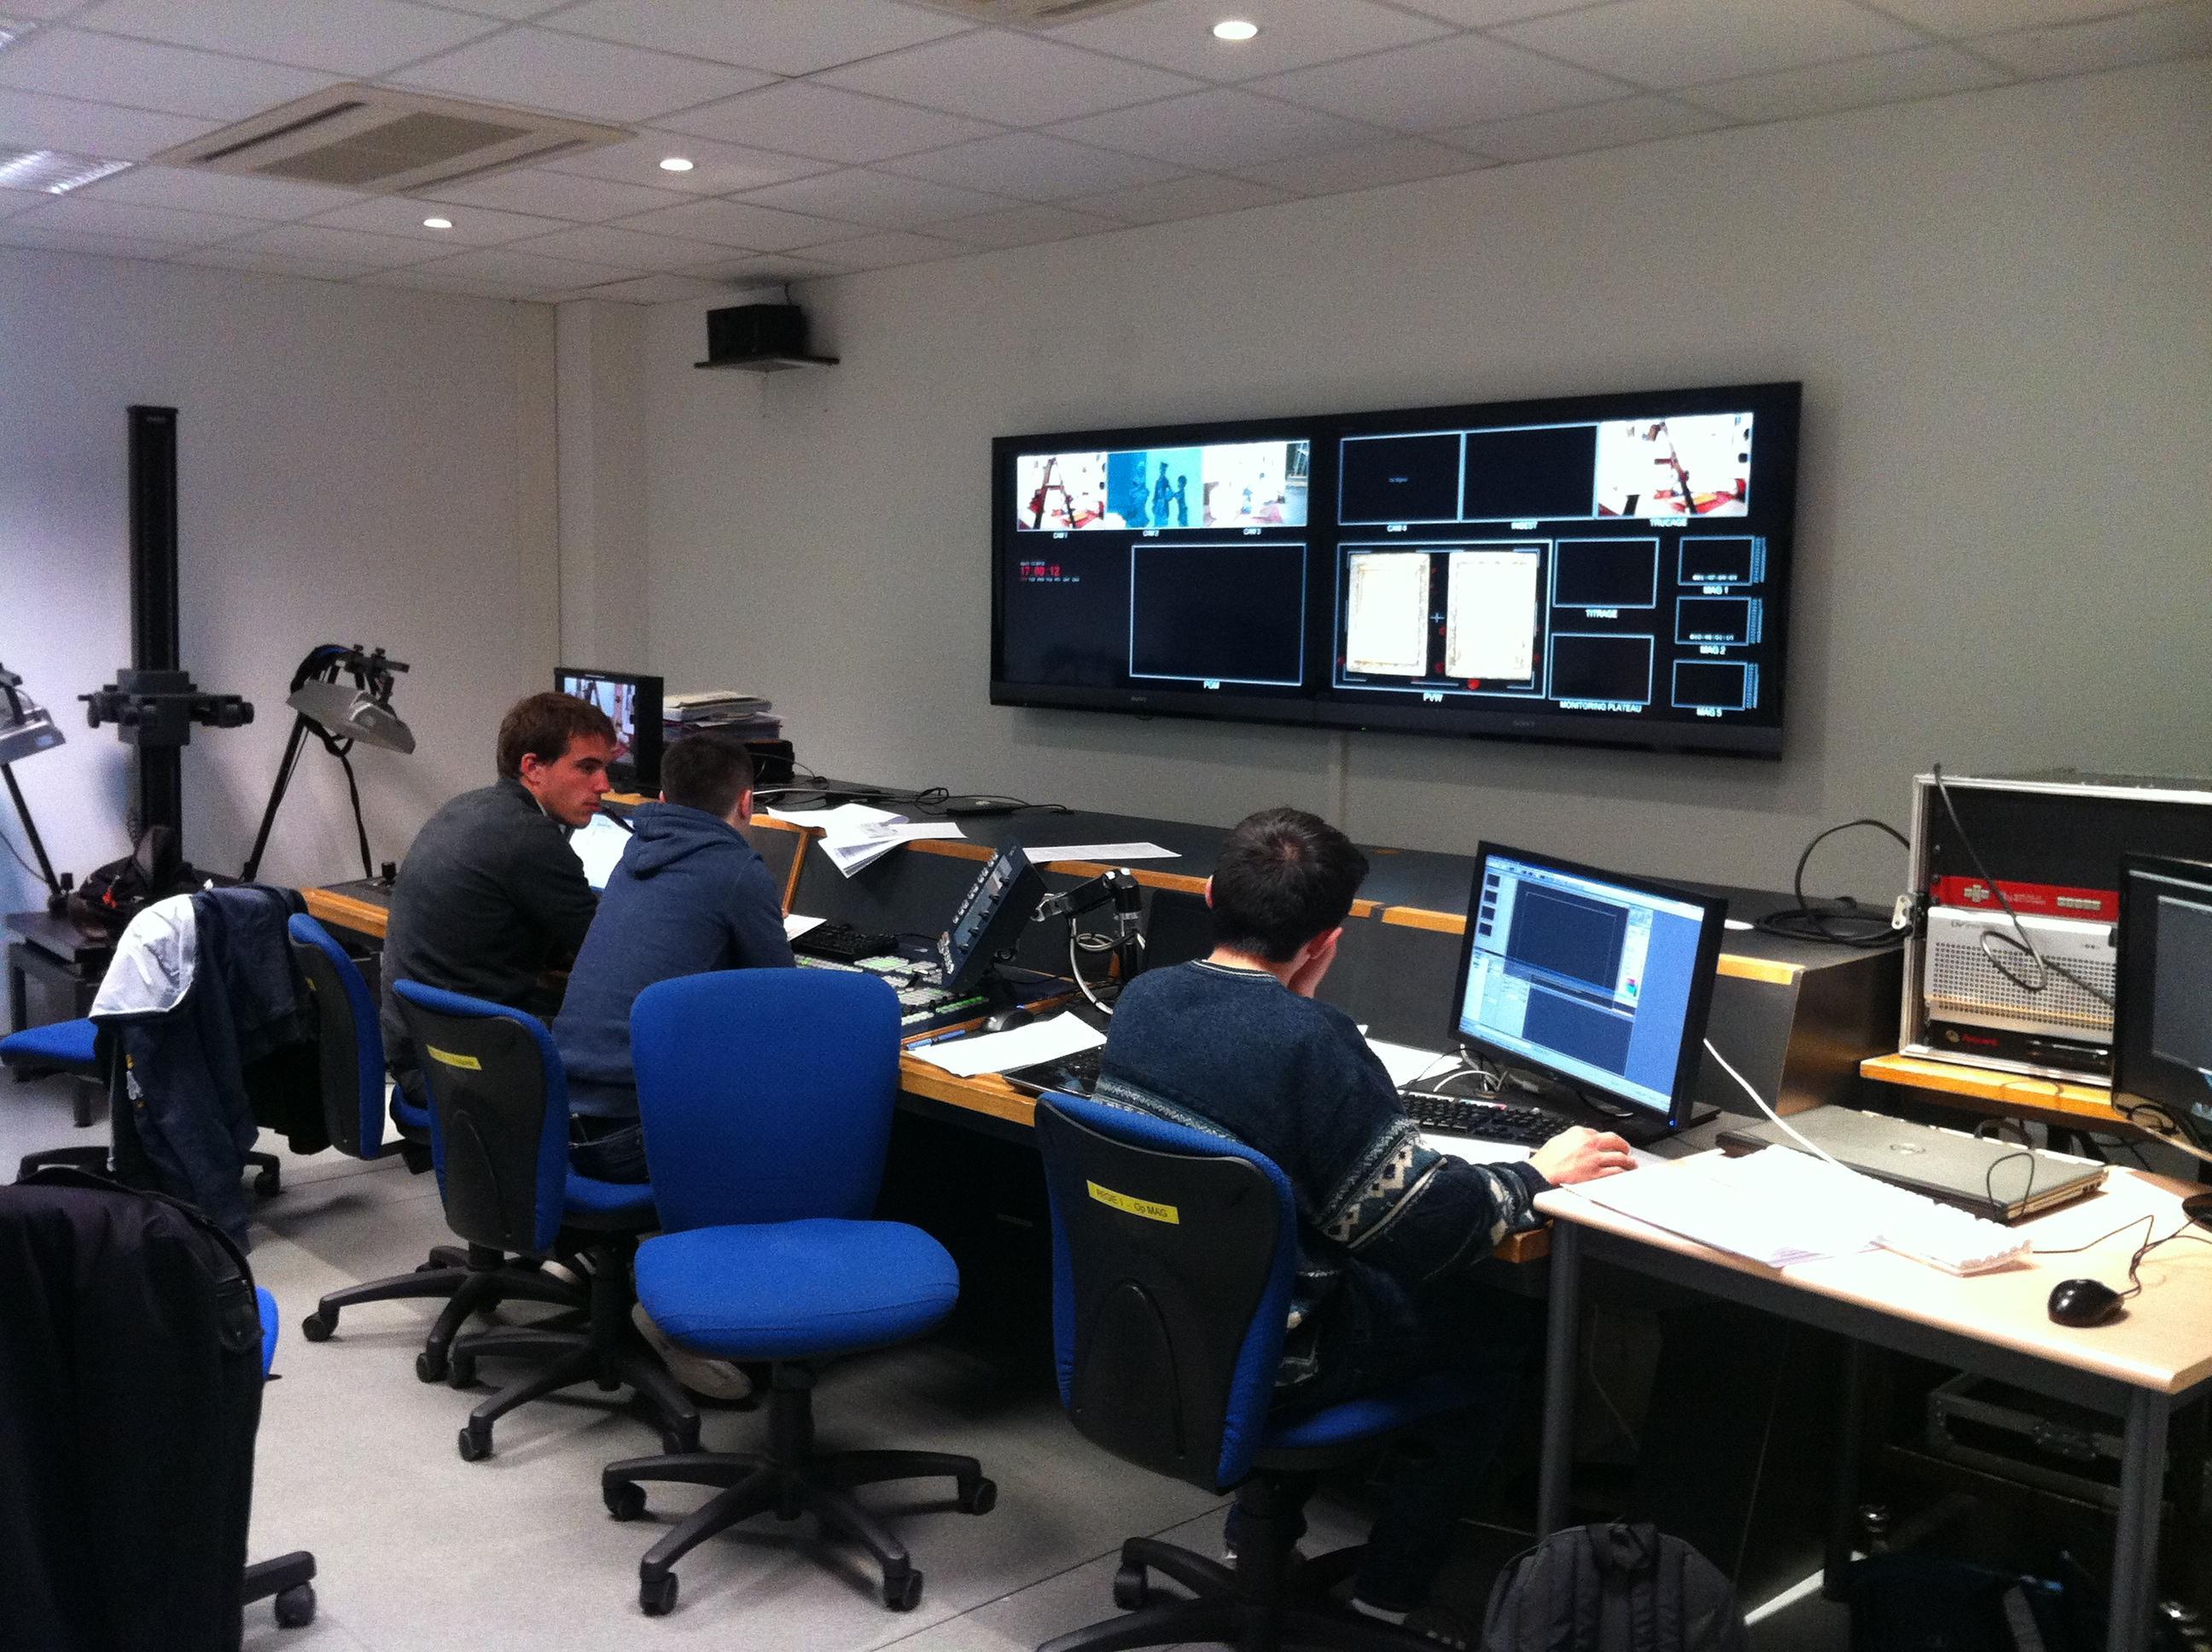 La plateforme formation-audiovisuel.eu est intéressante pour en savoir plus